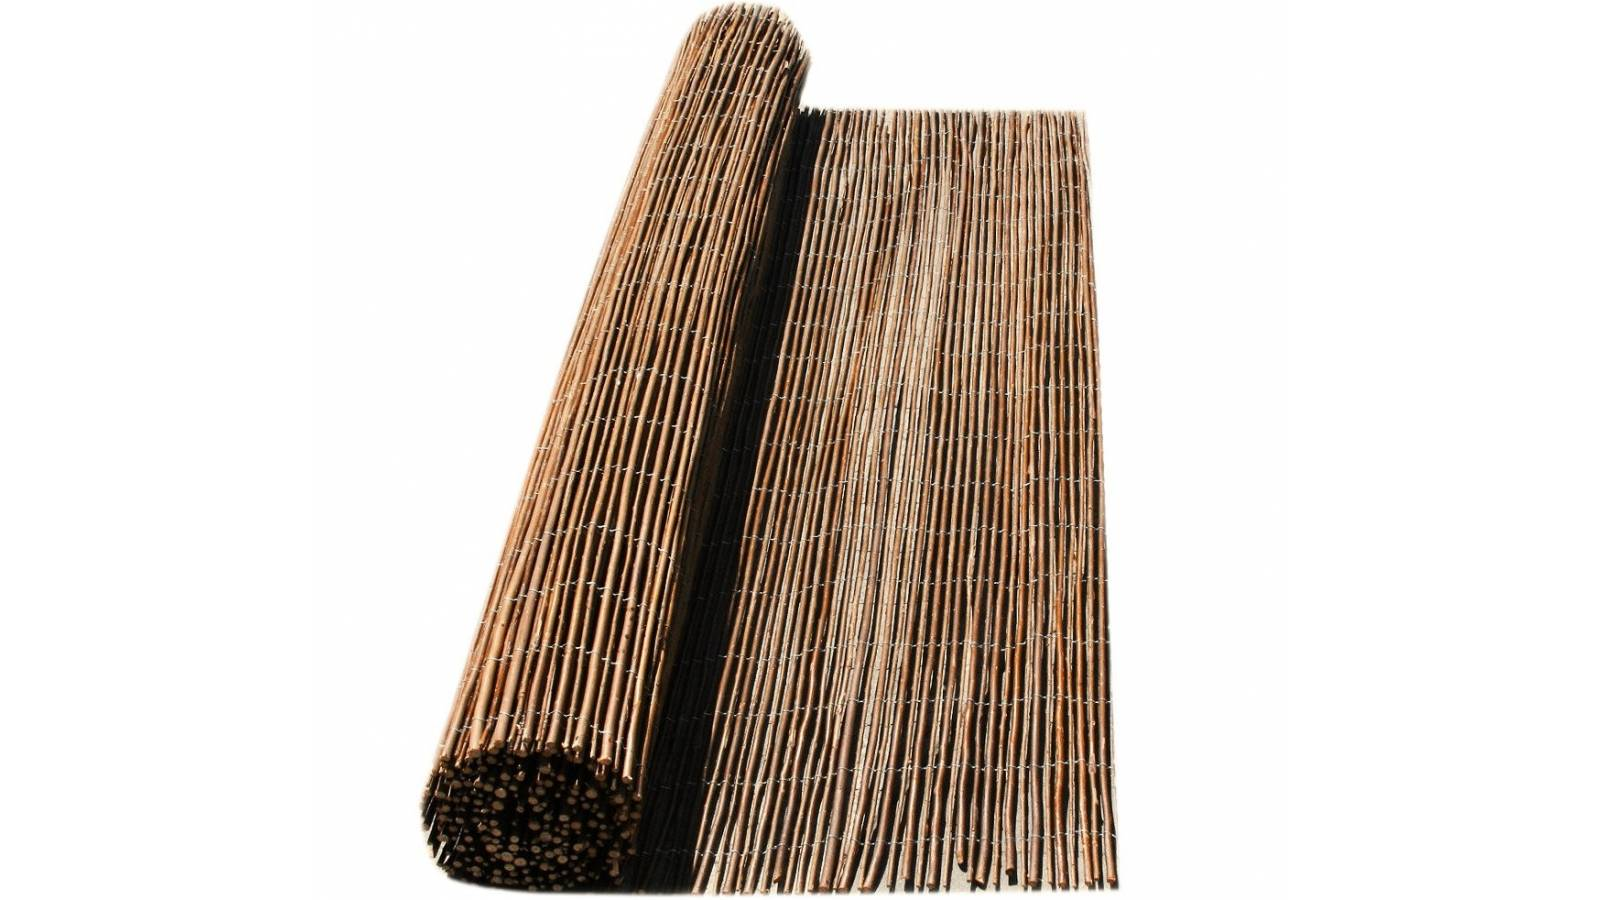 Esteras de caña entera 2 x 5m - cerco techo esterilla